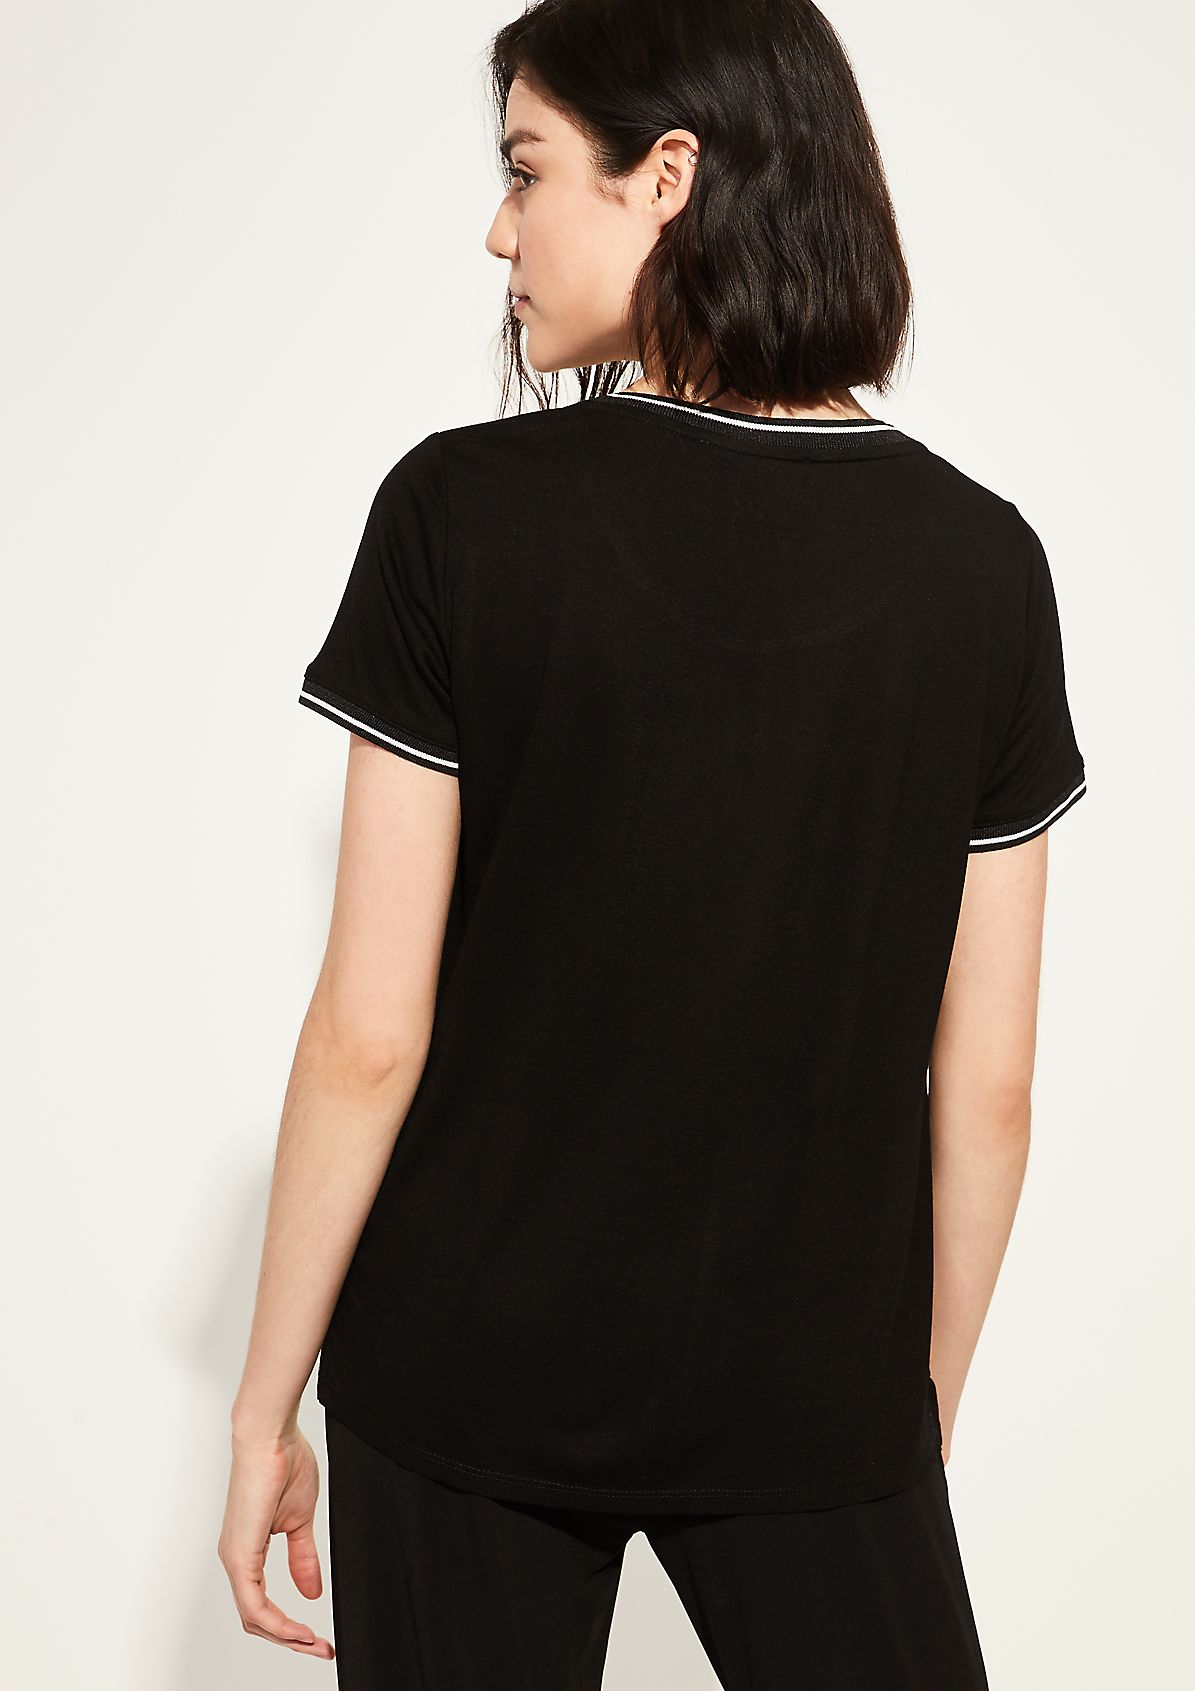 Fabricmix-Shirt mit Chiffon-Insert